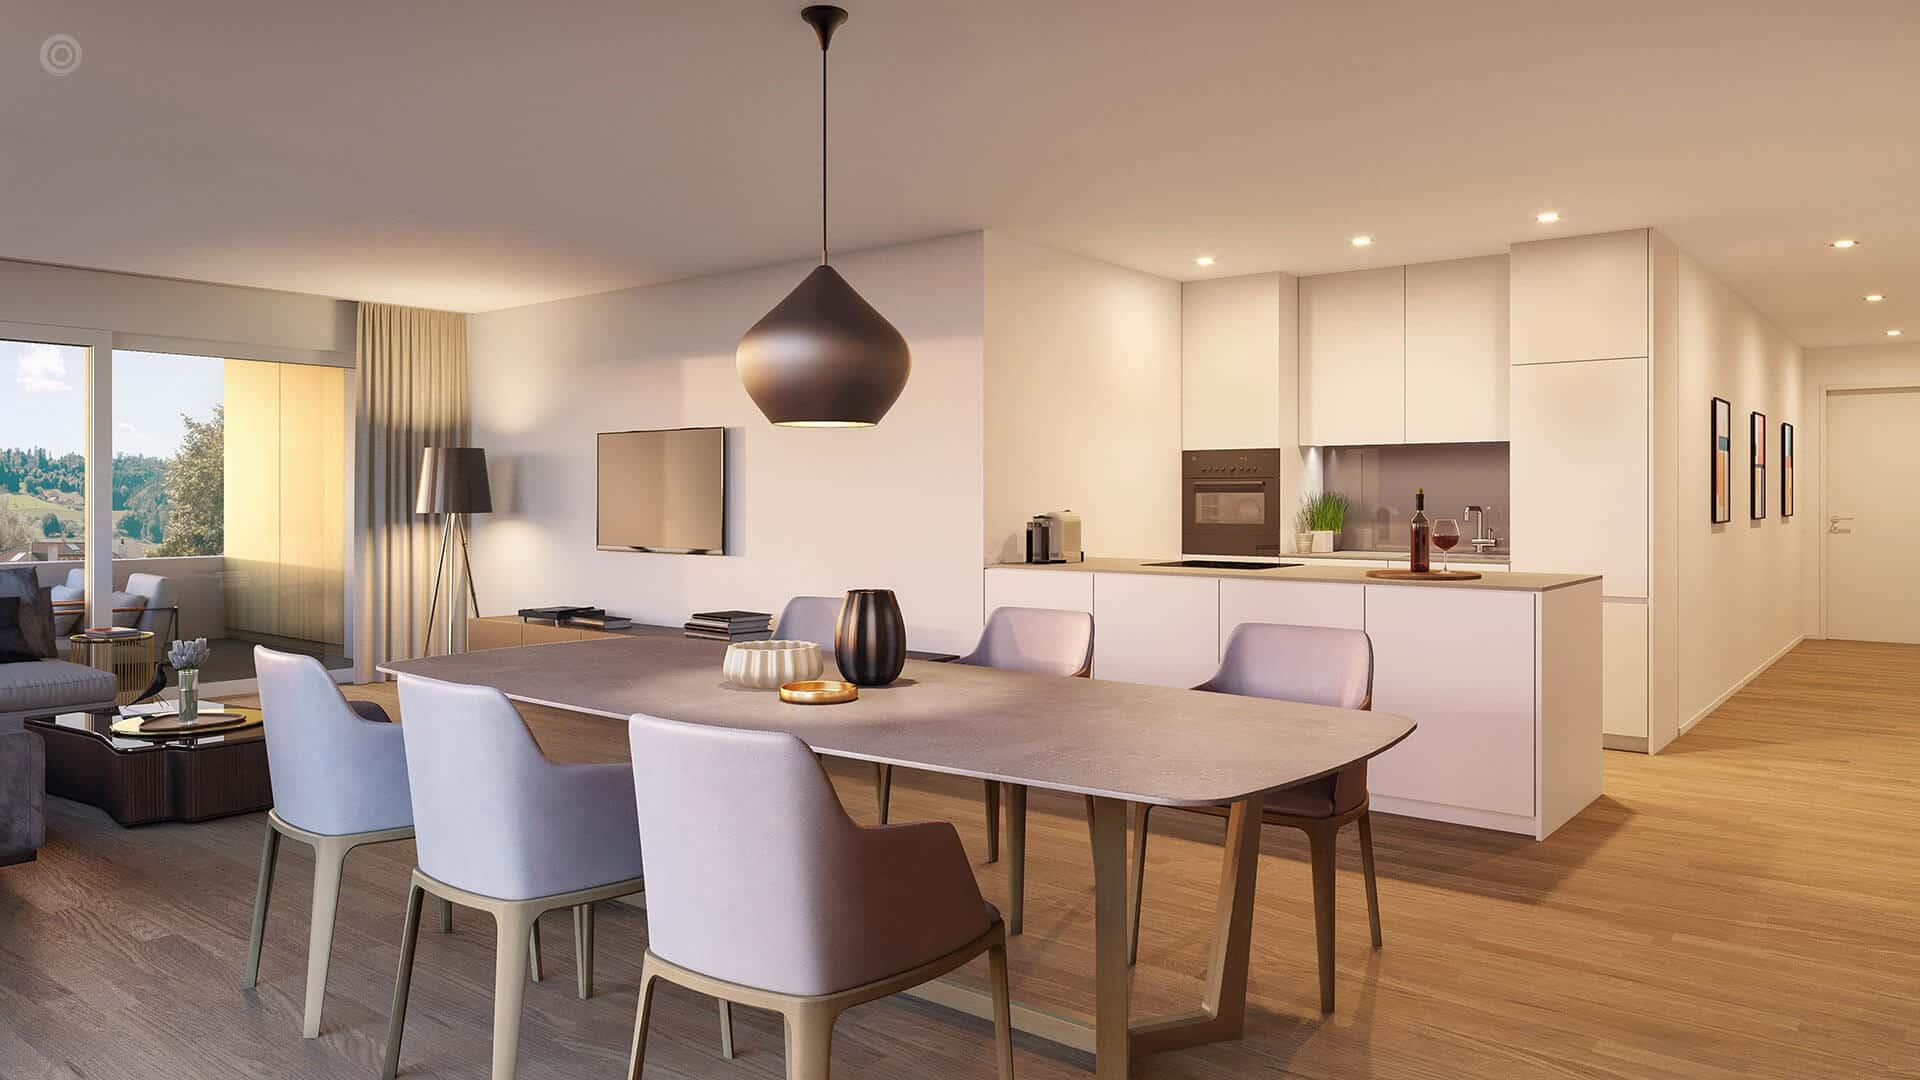 wohnungsangebot-kelinwohnungen-gartenwohnungen-familienwohnungen-etagenwohnungen-attikawohnungen-uffikon-dagmersellen-mietwohnungen-mieten-eigenum-kaufen